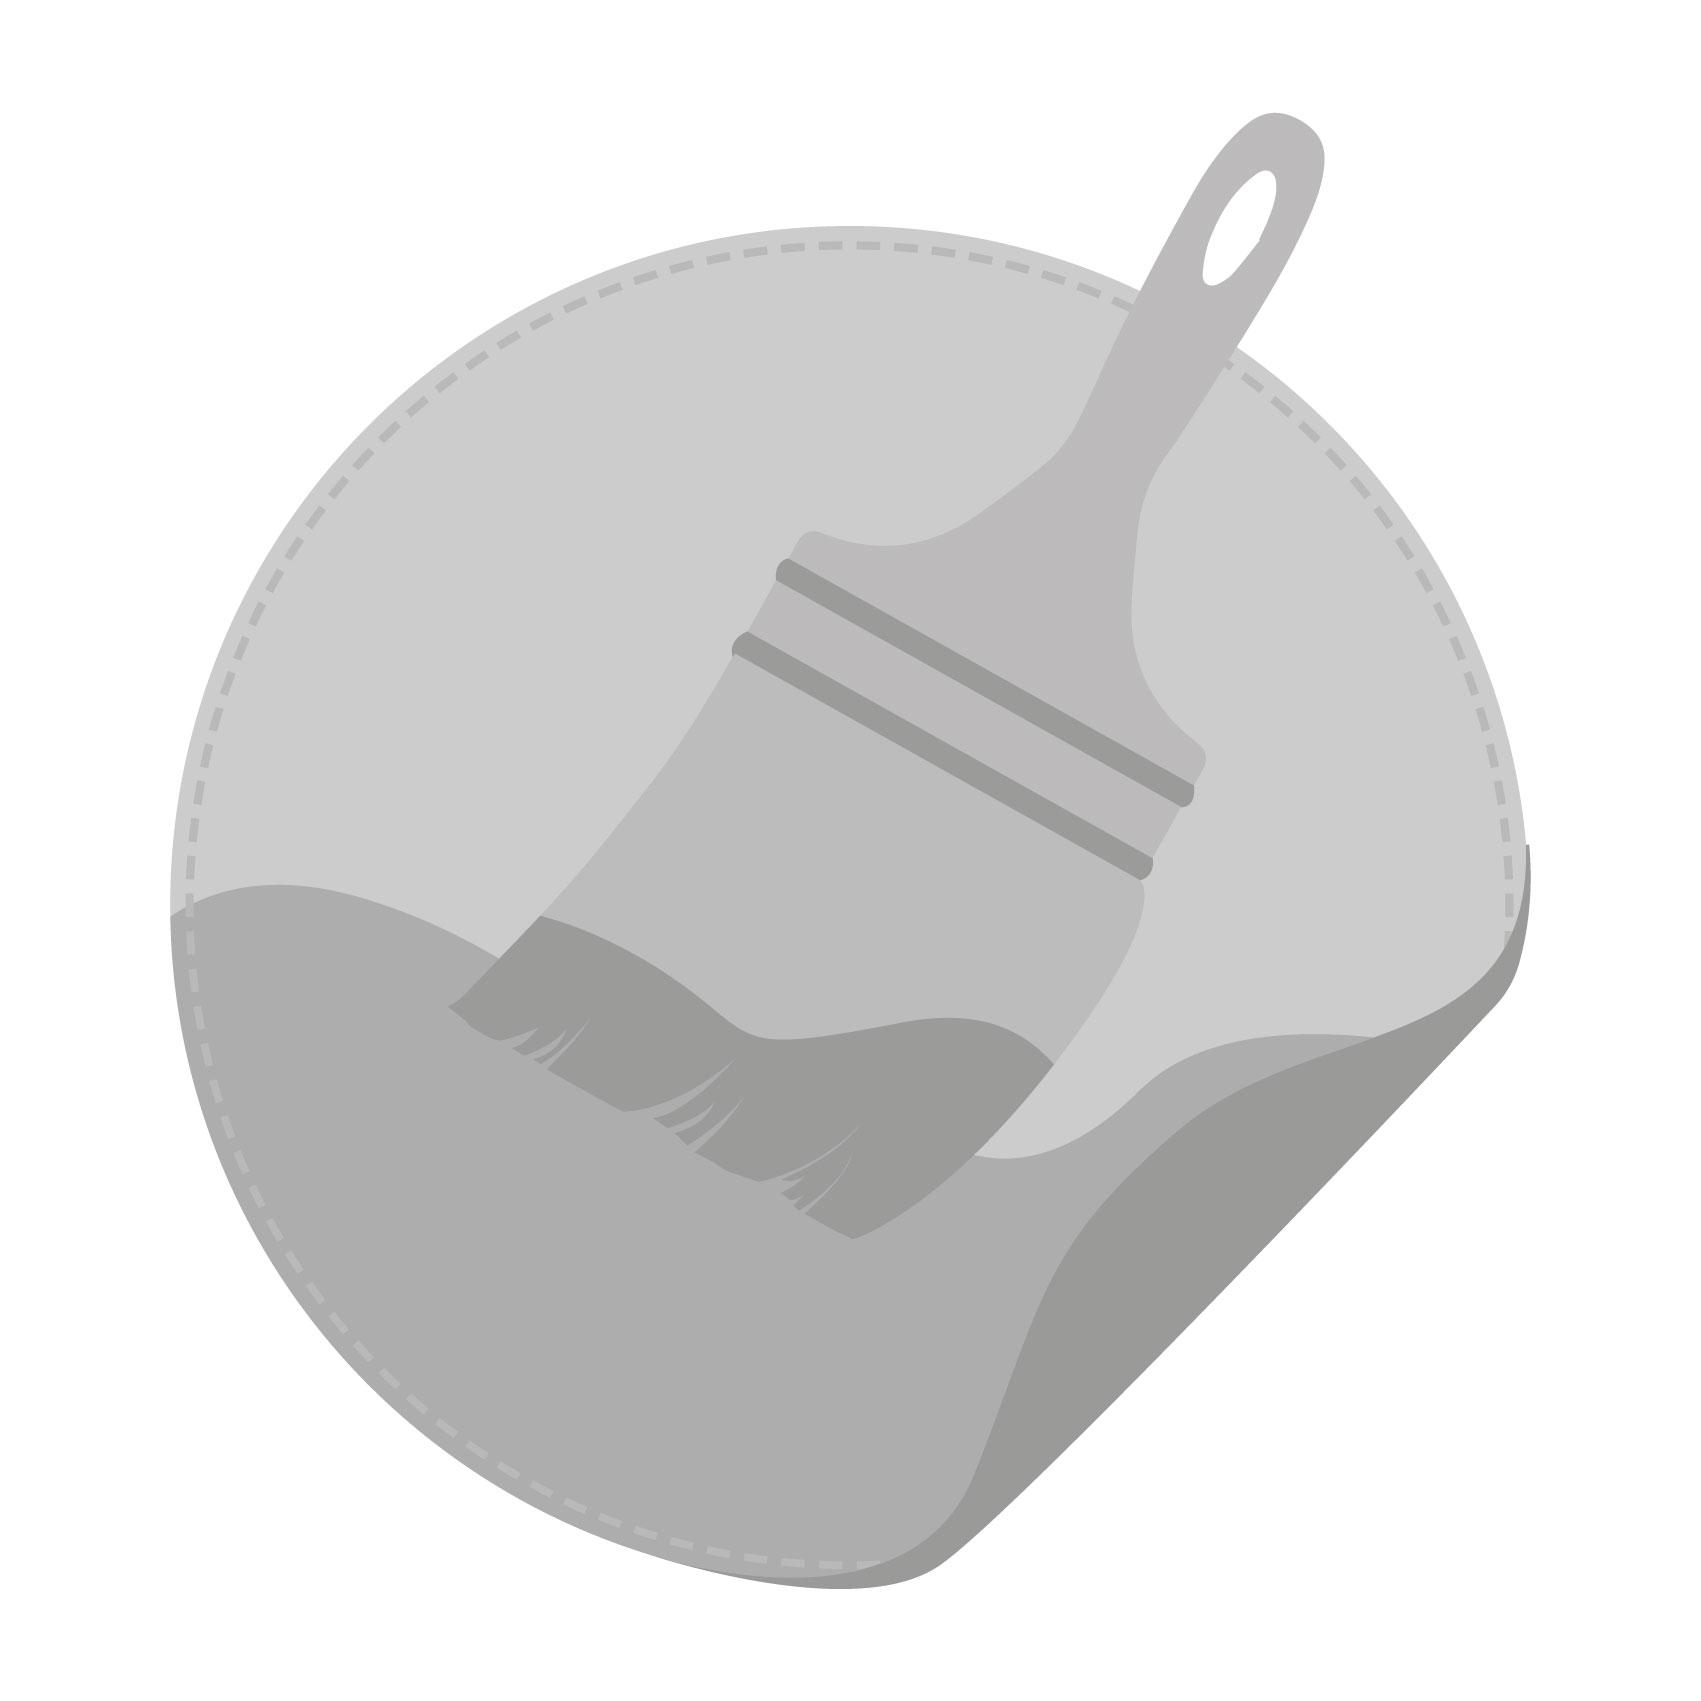 Signaal Reclame - Stickers ontwerpen